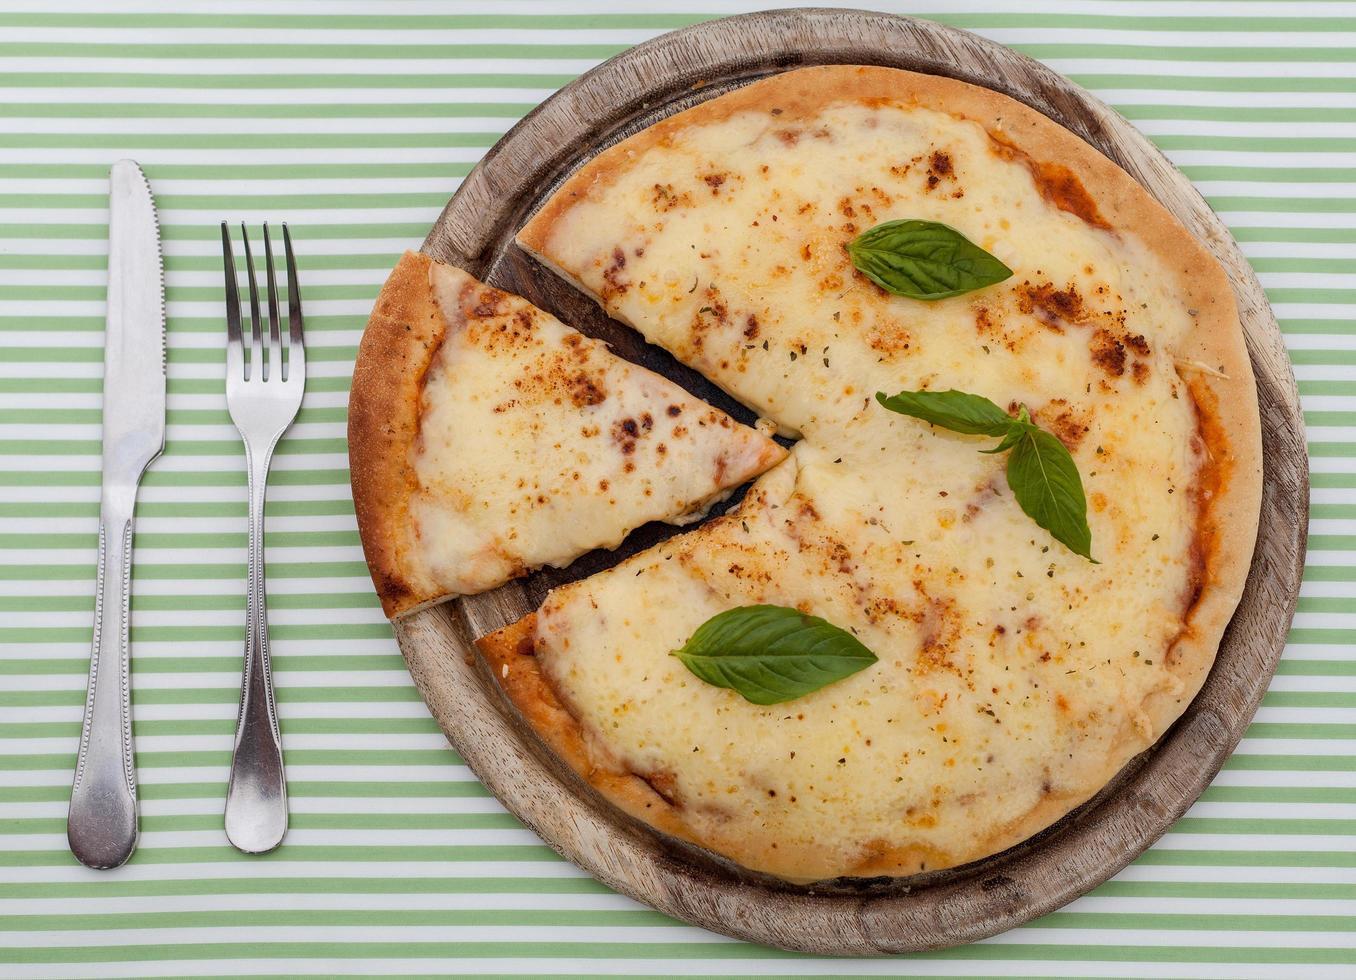 kaas pizza en bestek foto